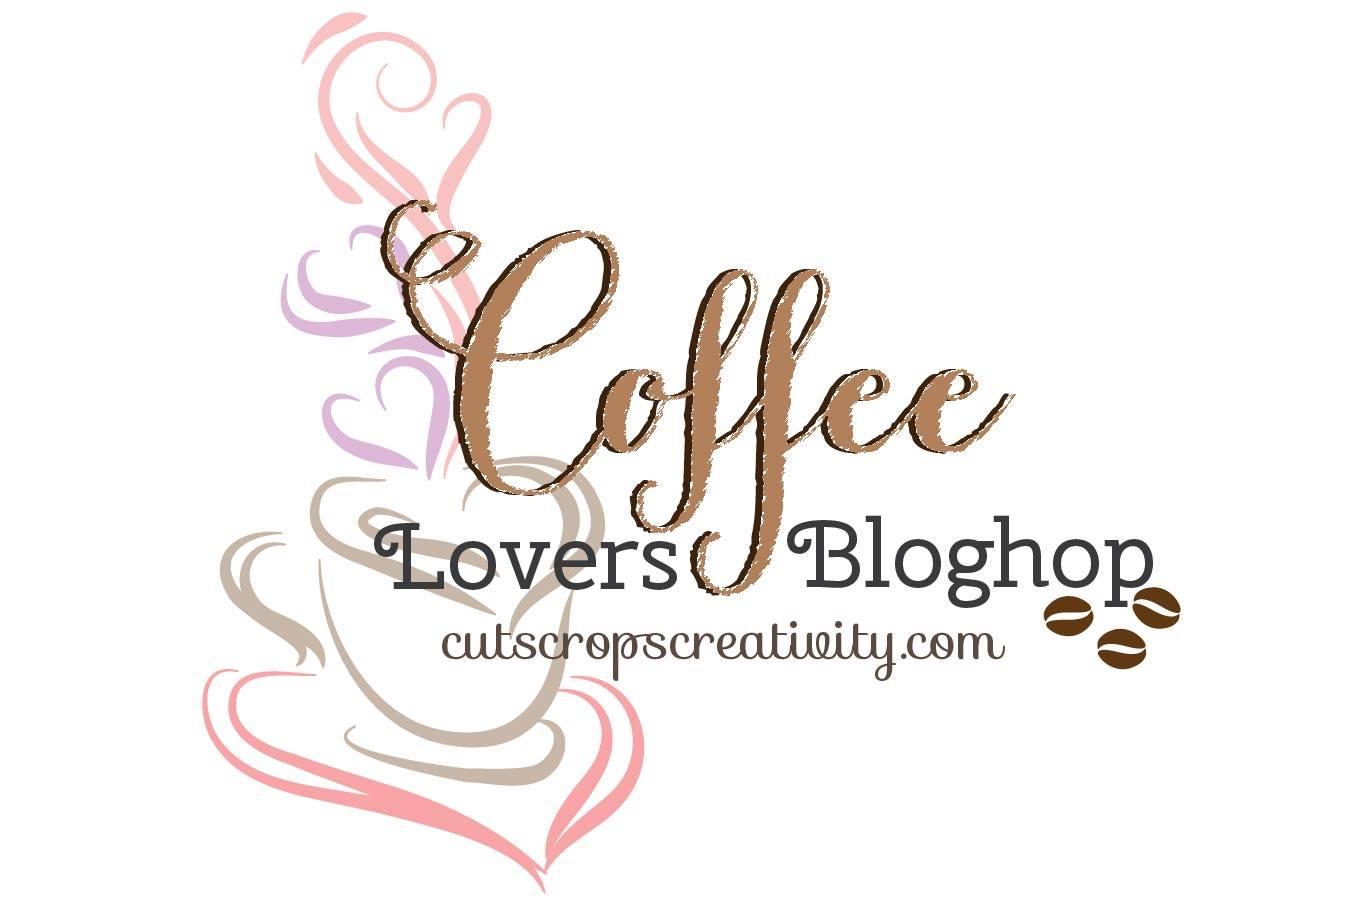 coffeeloversbloghop